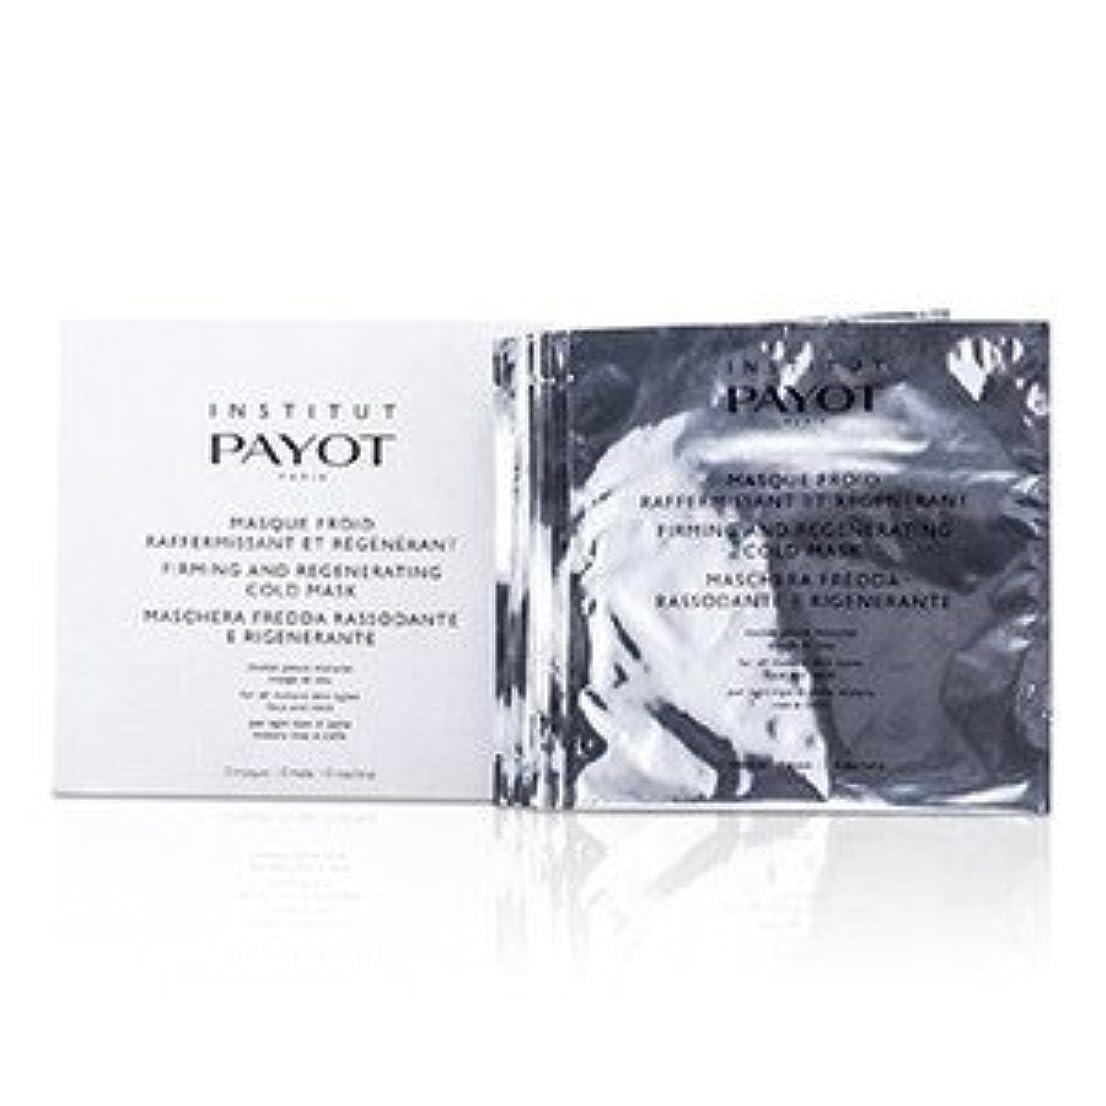 抑圧レビュー援助するPayot ファーミング&リジェネレーティング コールド マスク 10枚入り [並行輸入品]